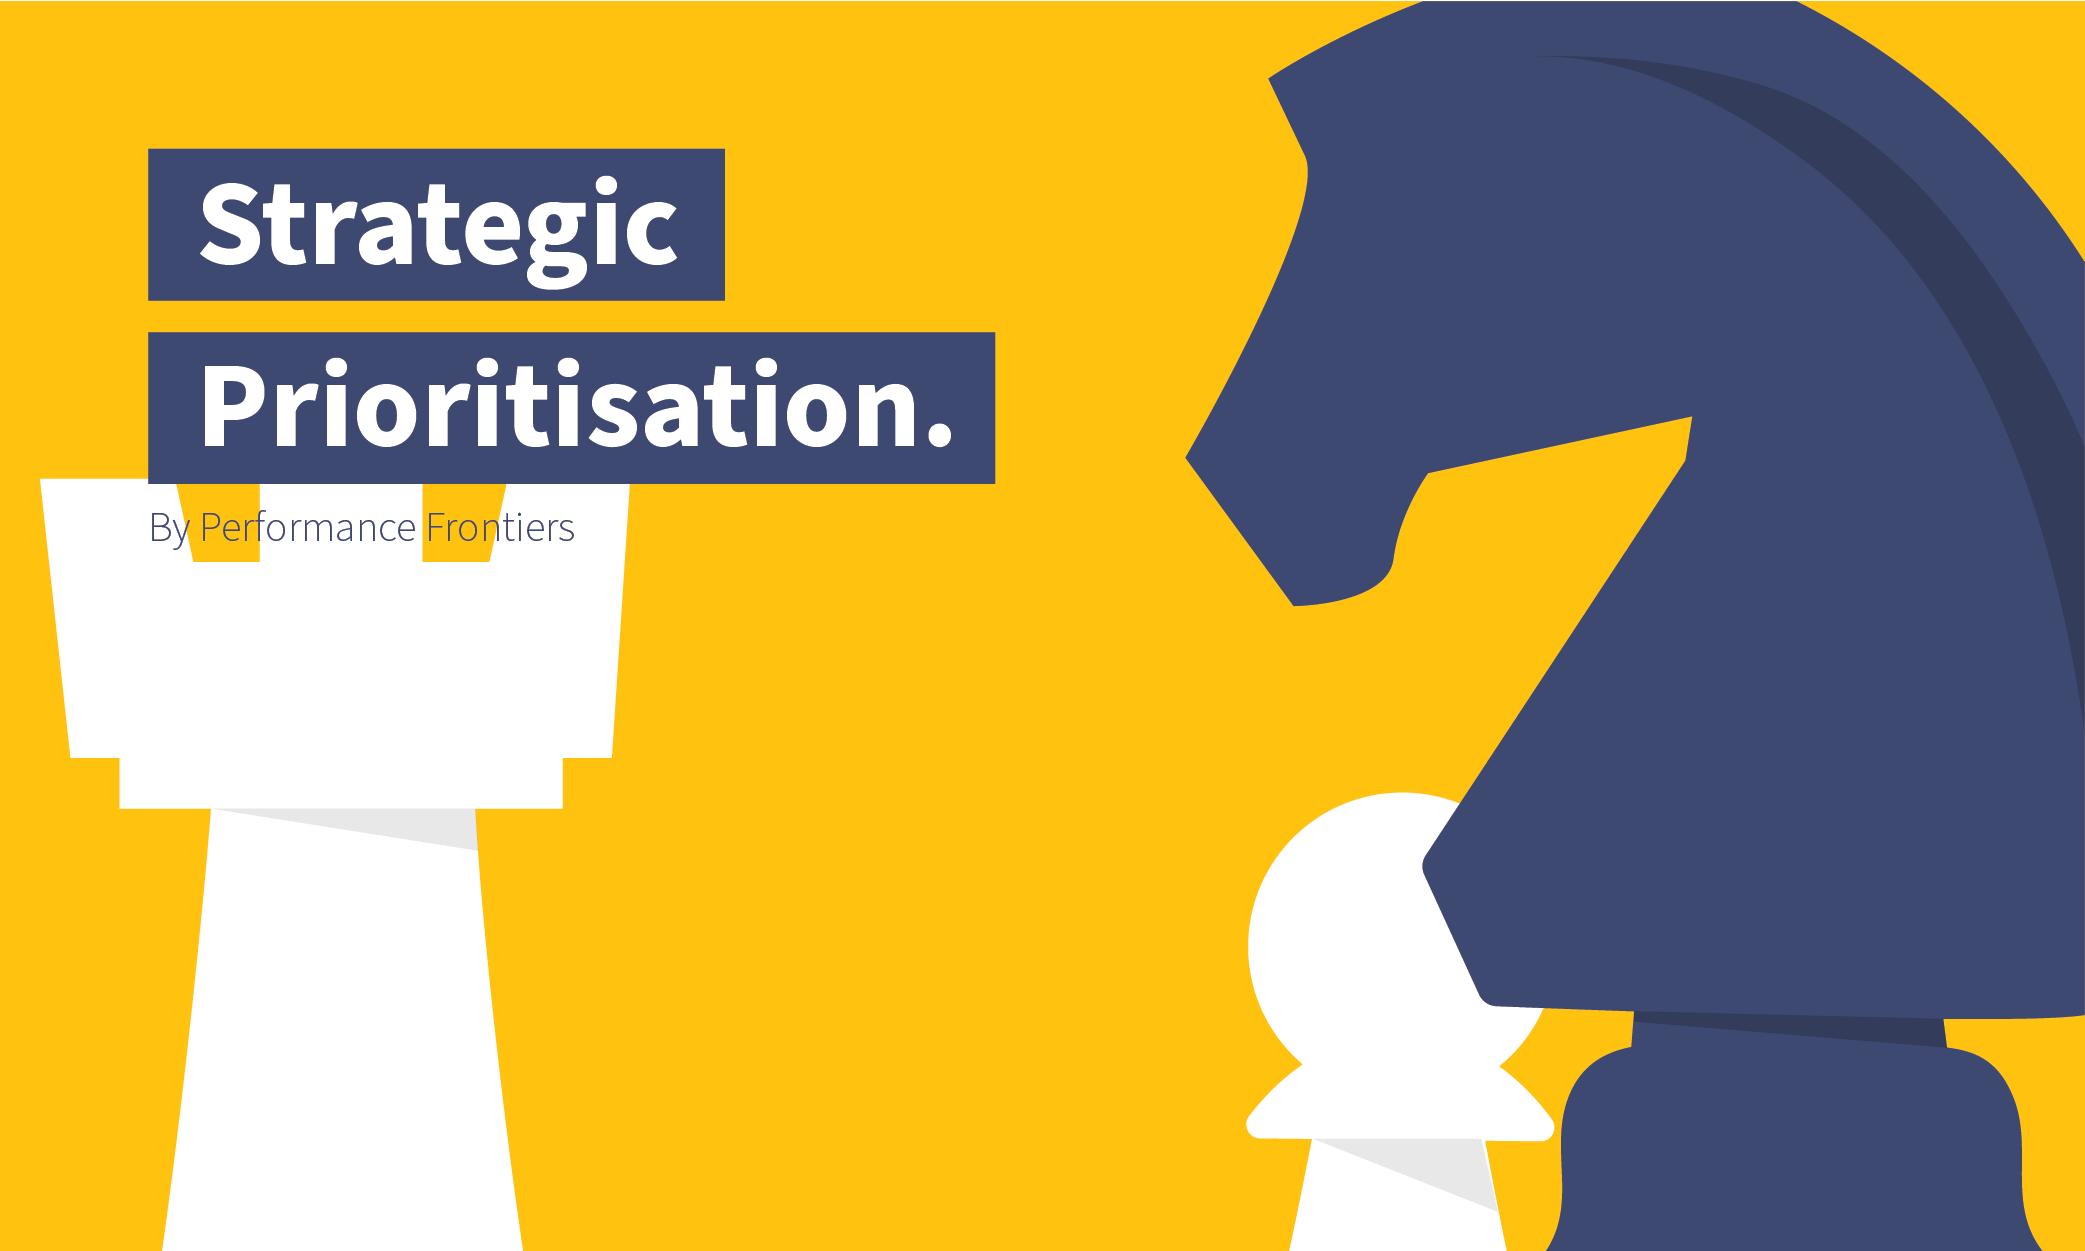 Strategic Prioritisation